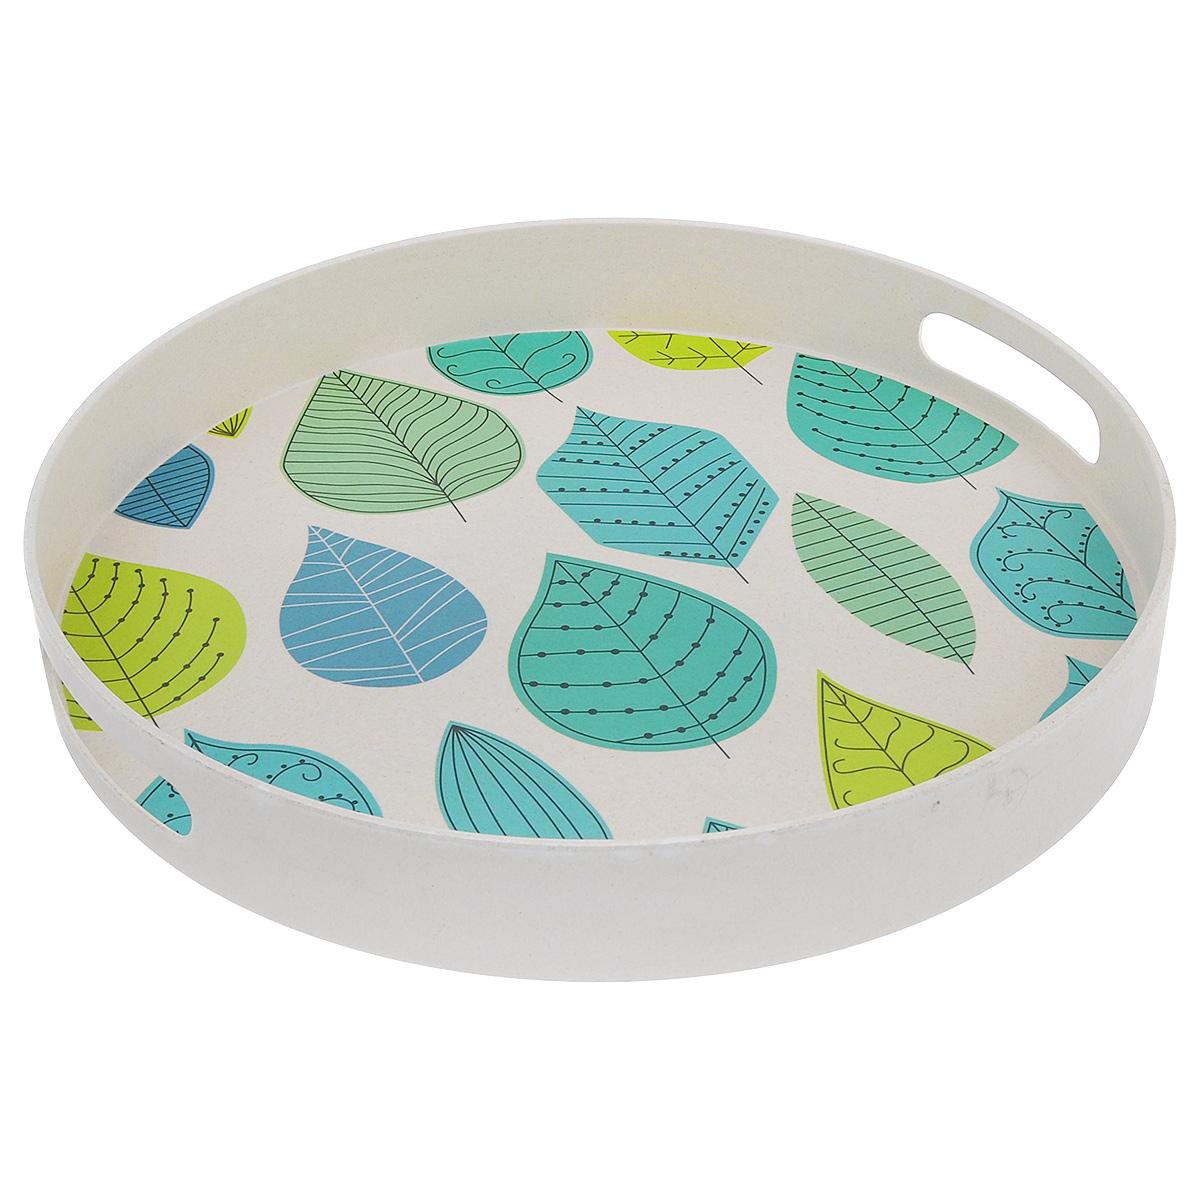 Поднос EcoWoo Листья, диаметр 38 см2001007UКруглый поднос EcoWoo Листья выполнен из экологически чистого бамбукового волокна. Посуда из такого материала имеет неоспоримые преимущества по сравнению с посудой из других материалов. Она безопасна для здоровья и окружающей среды, биоразлагаема, не бьется. Поднос снабжен высокими бортиками и ручками для удобной переноски. Стильный дизайн прекрасно впишется в интерьер современной кухни. Изделие можно мыть в посудомоечной машине. Не использовать в СВЧ печи.